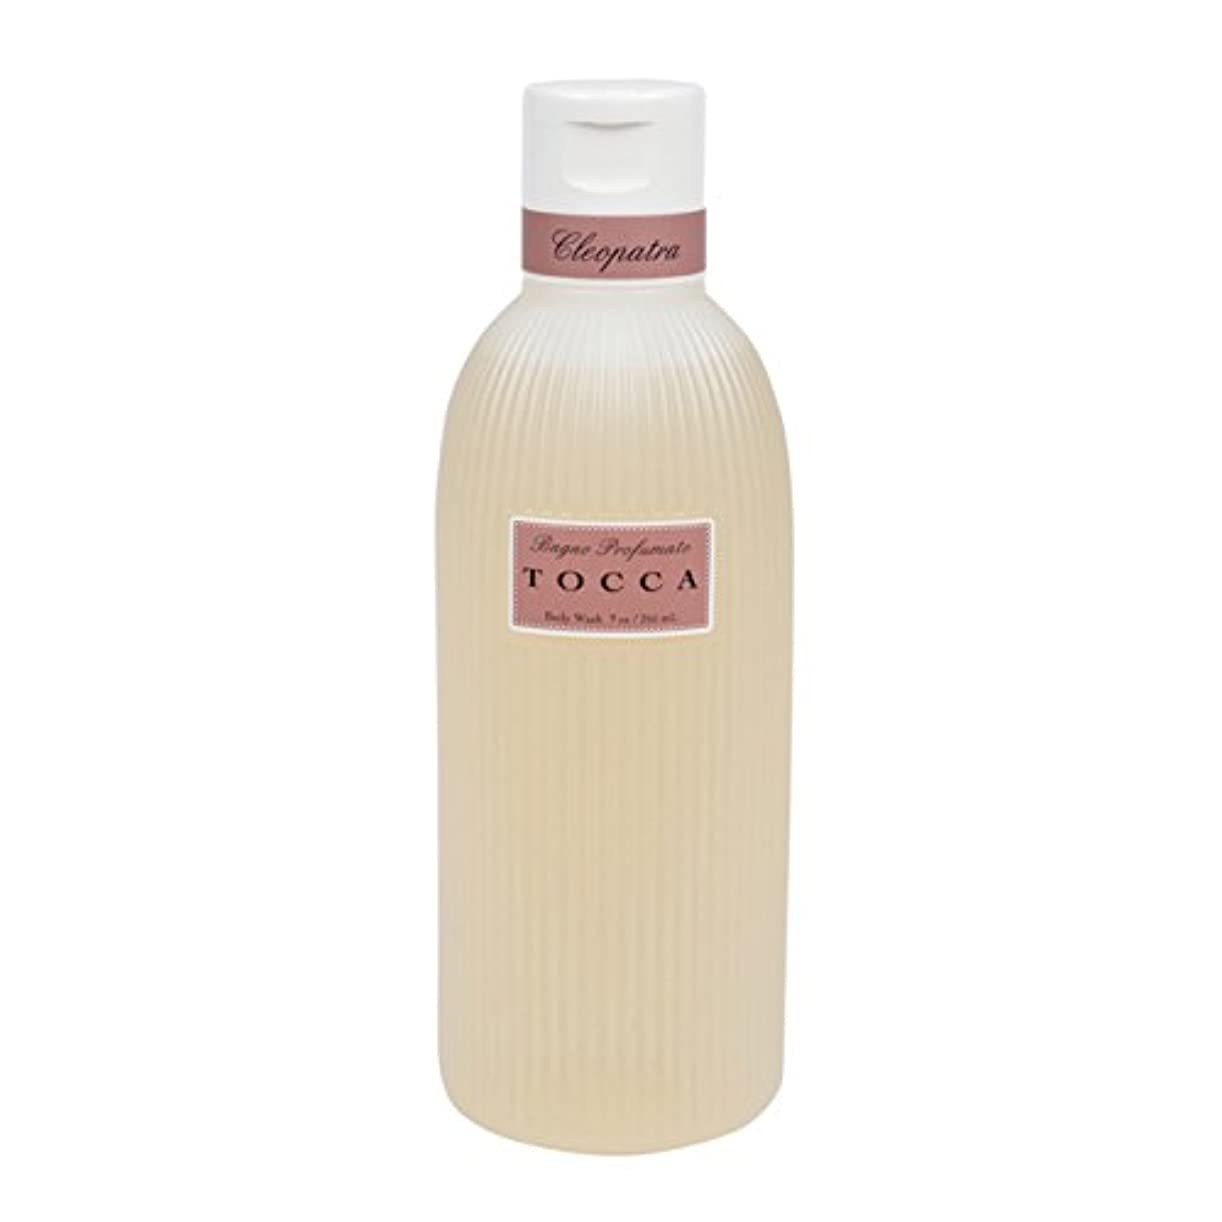 隙間流産邪魔するトッカ(TOCCA) ボディーケアウォッシュ クレオパトラの香り 266ml(全身用洗浄料 ボディーソープ グレープフルーツとキューカンバーのフレッシュでクリーンな香り)